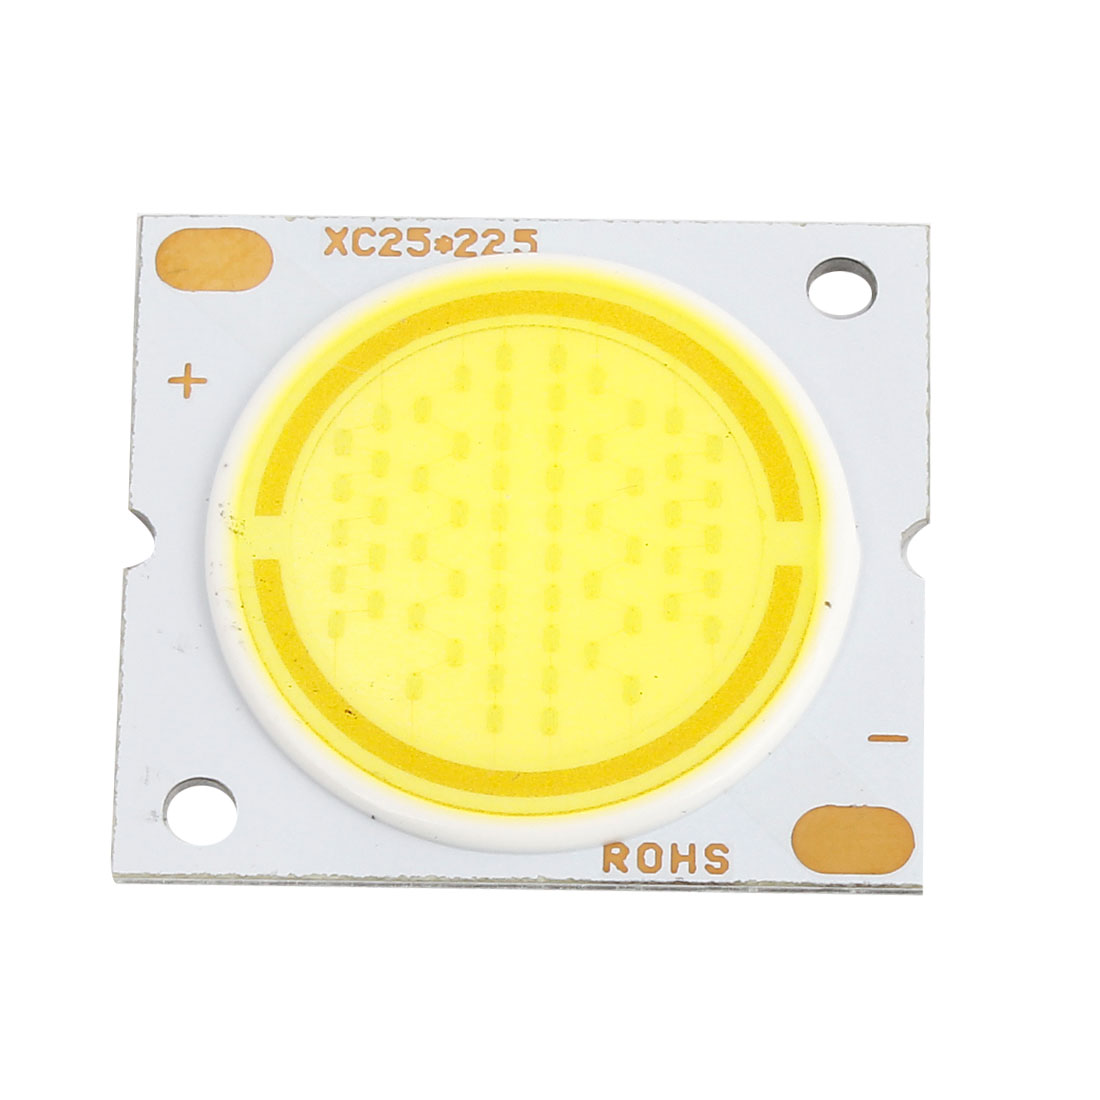 30-32V 30W Pure White Light High Power SMD COB LED Lamp Chip Bulb Emitter